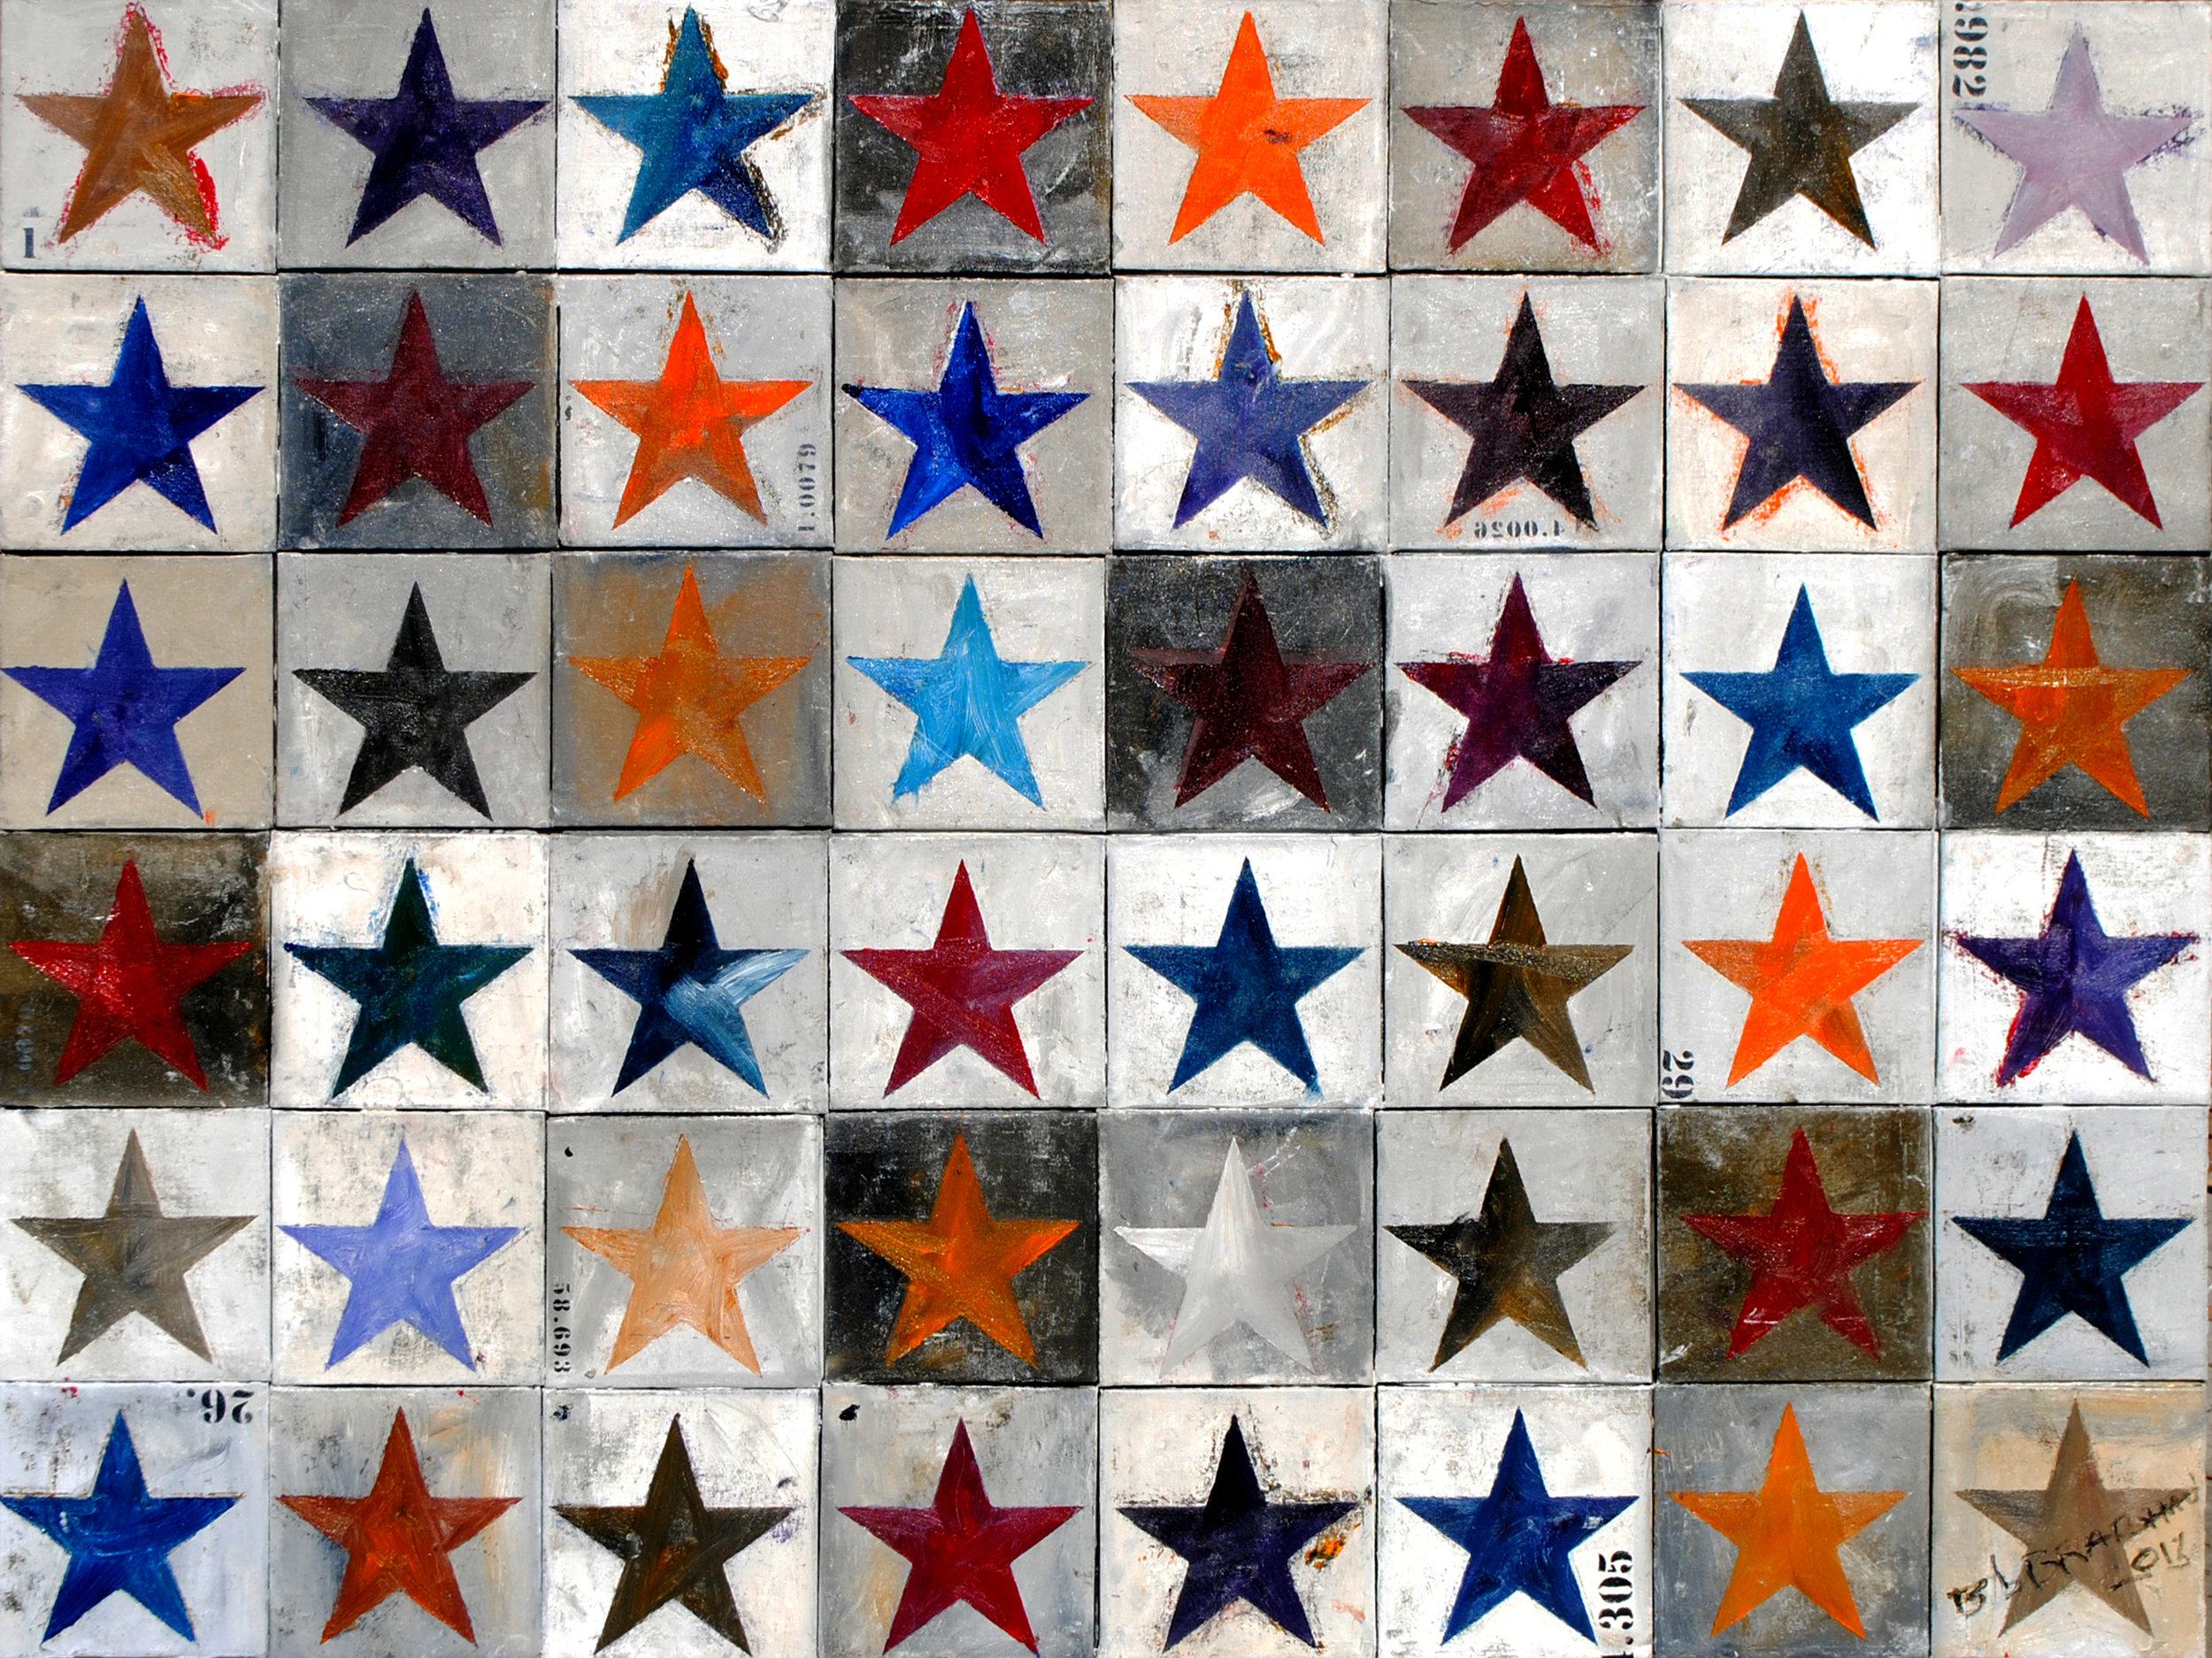 stars_I_kiera.jpg